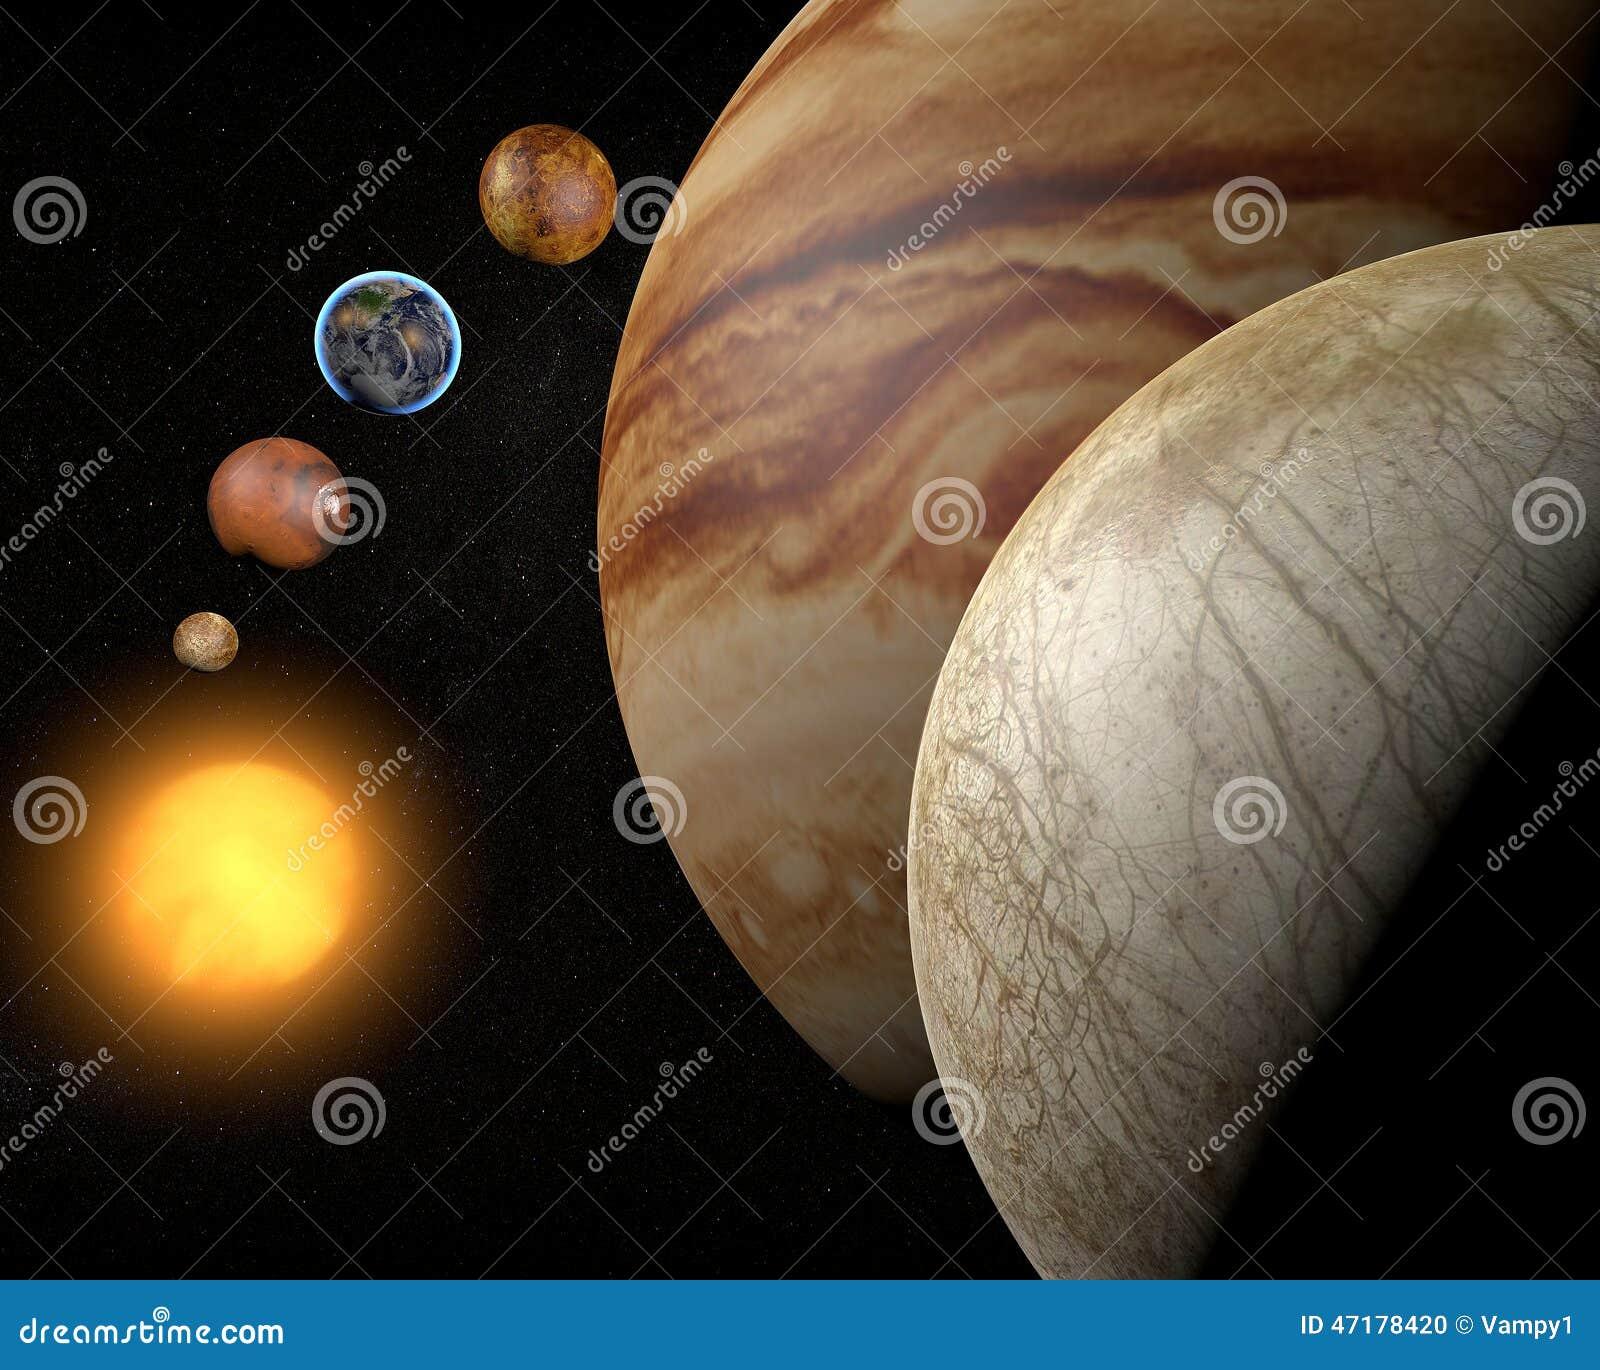 Satelliteneuropa, Jupitermond